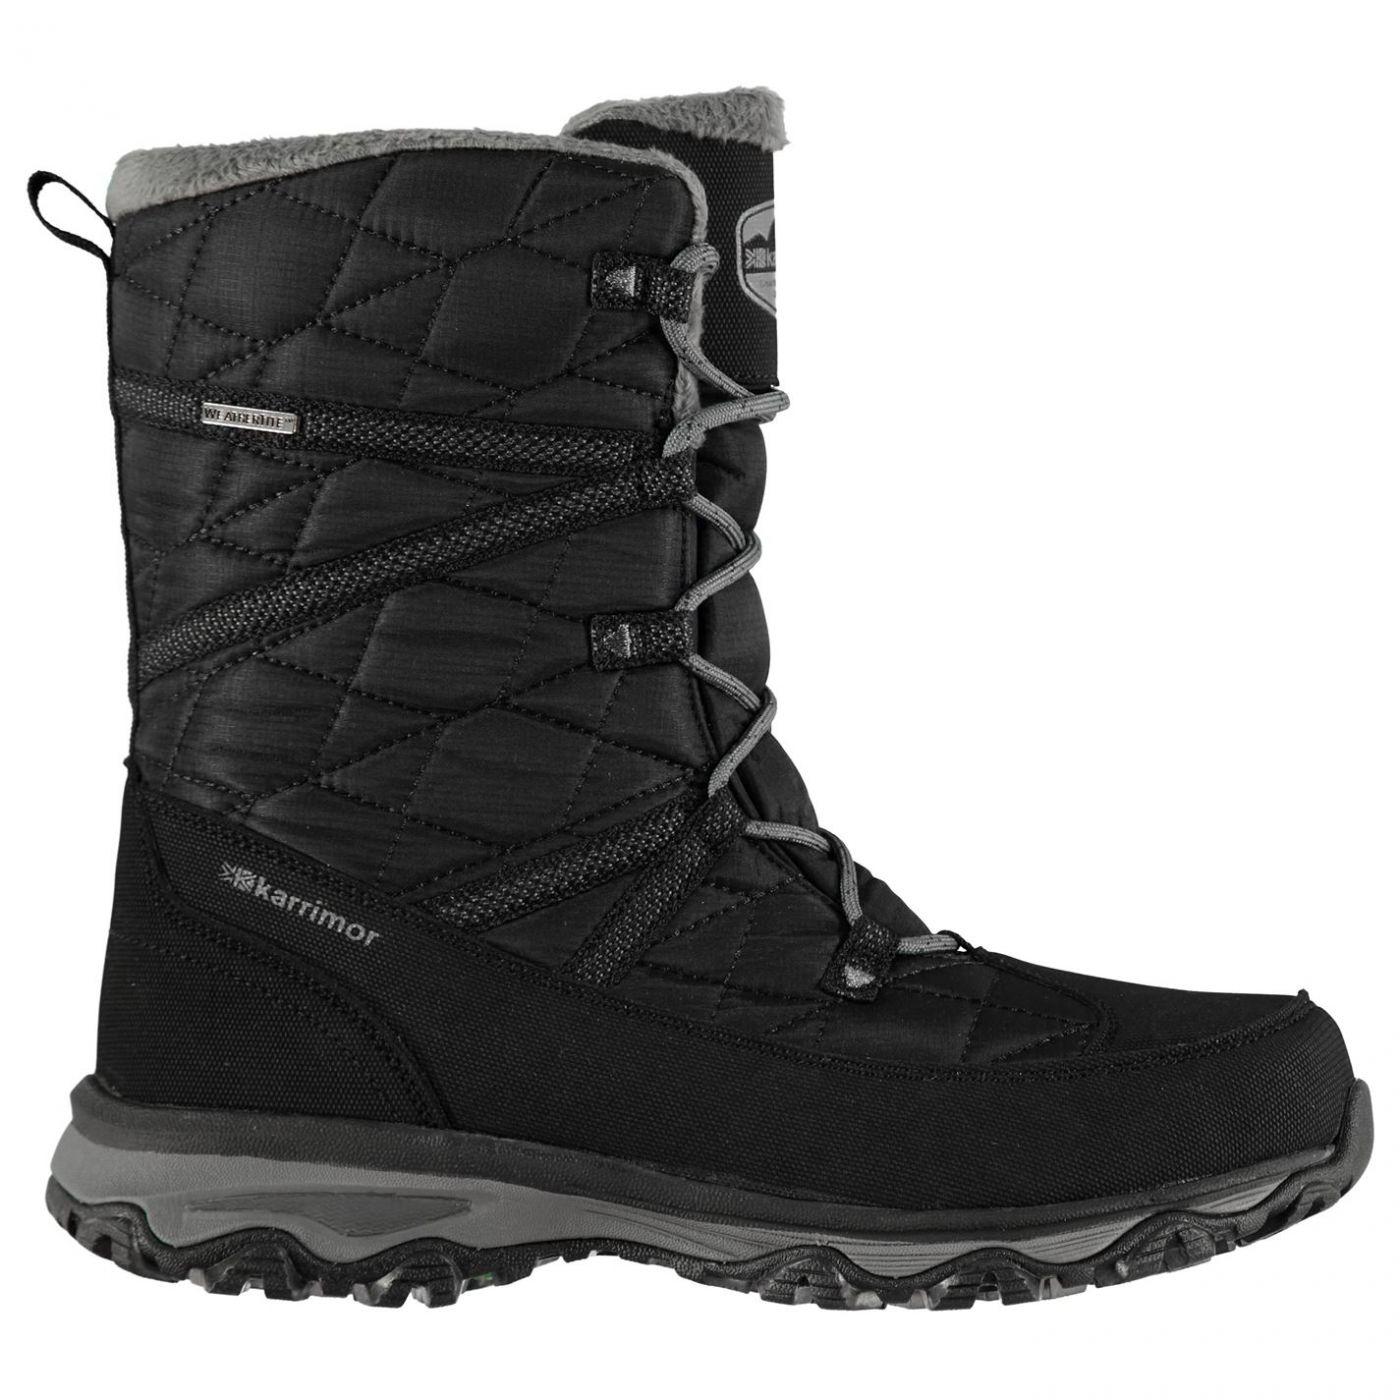 Karrimor St Moritz Snow Boots Ladies